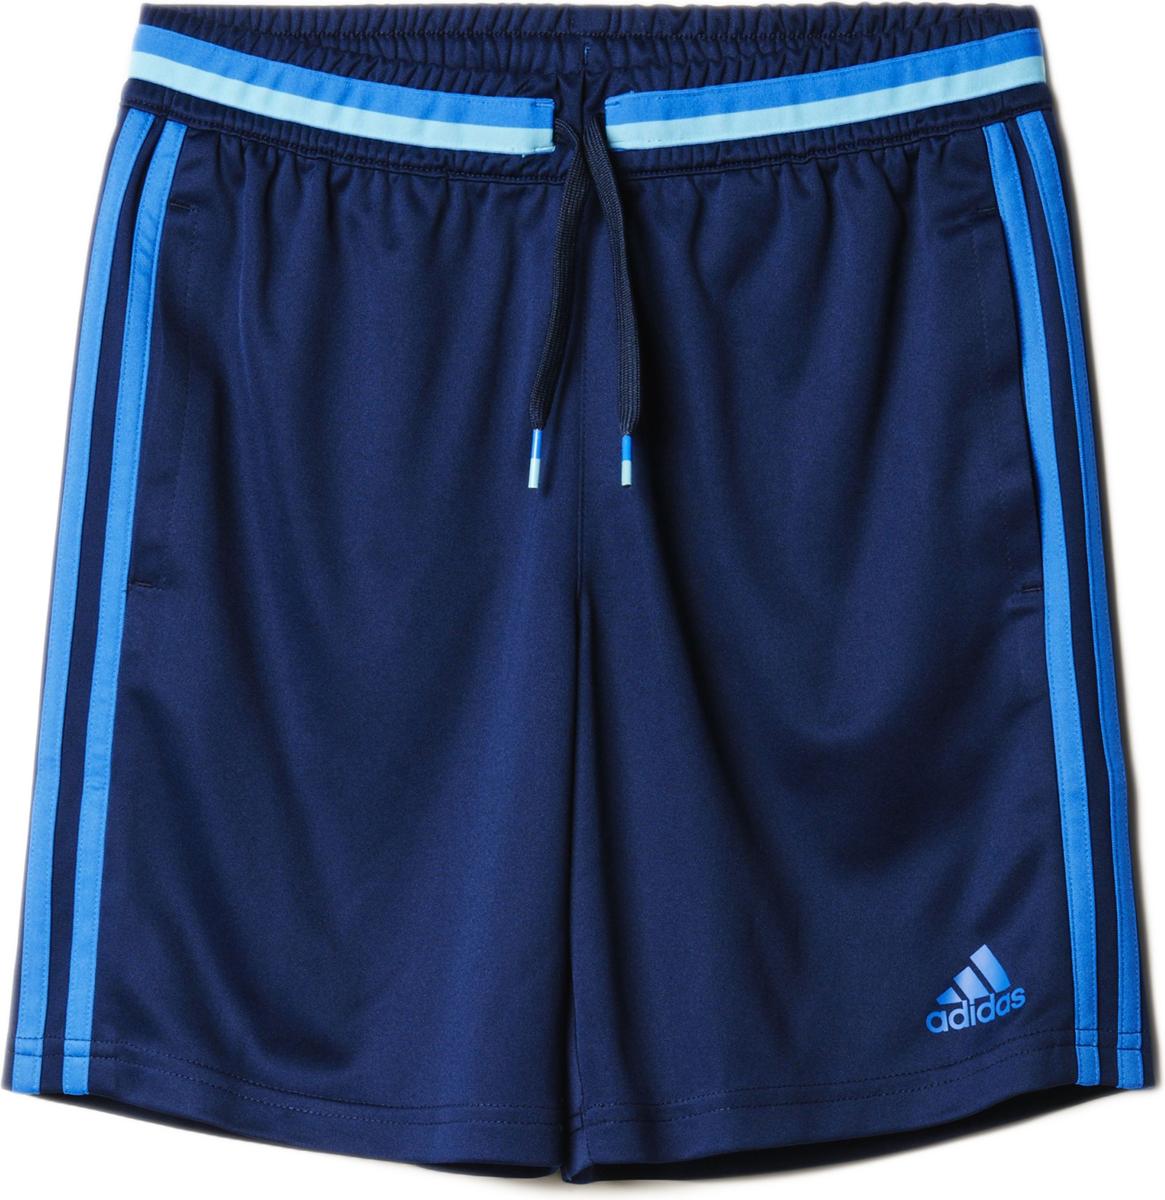 Шорты для мальчика Adidas Con16 Trg Sho Y, цвет: синий. AB3115. Размер 164